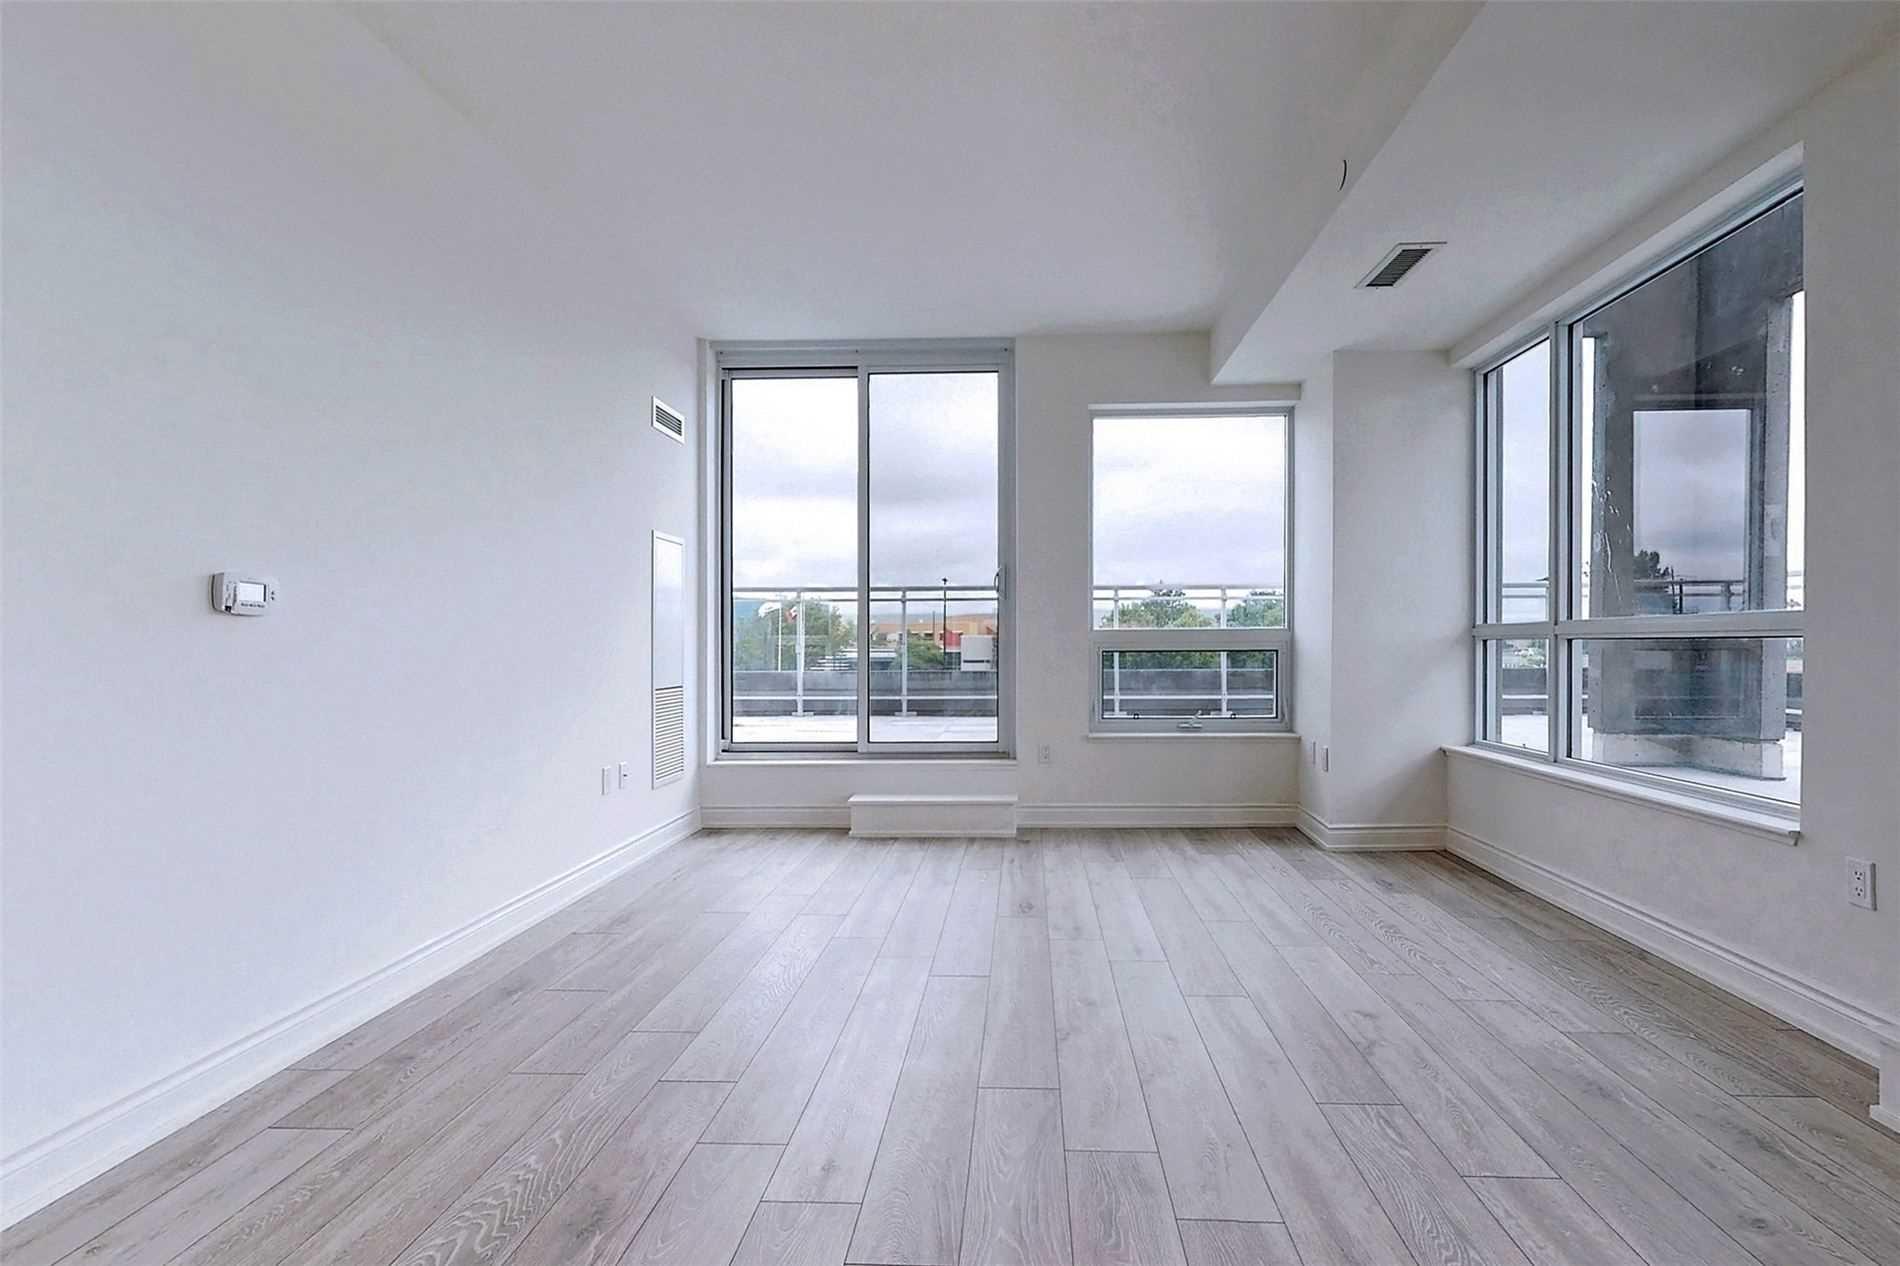 221 - 1050 Main St E - Dempsey Condo Apt for sale, 3 Bedrooms (W5398557) - #11